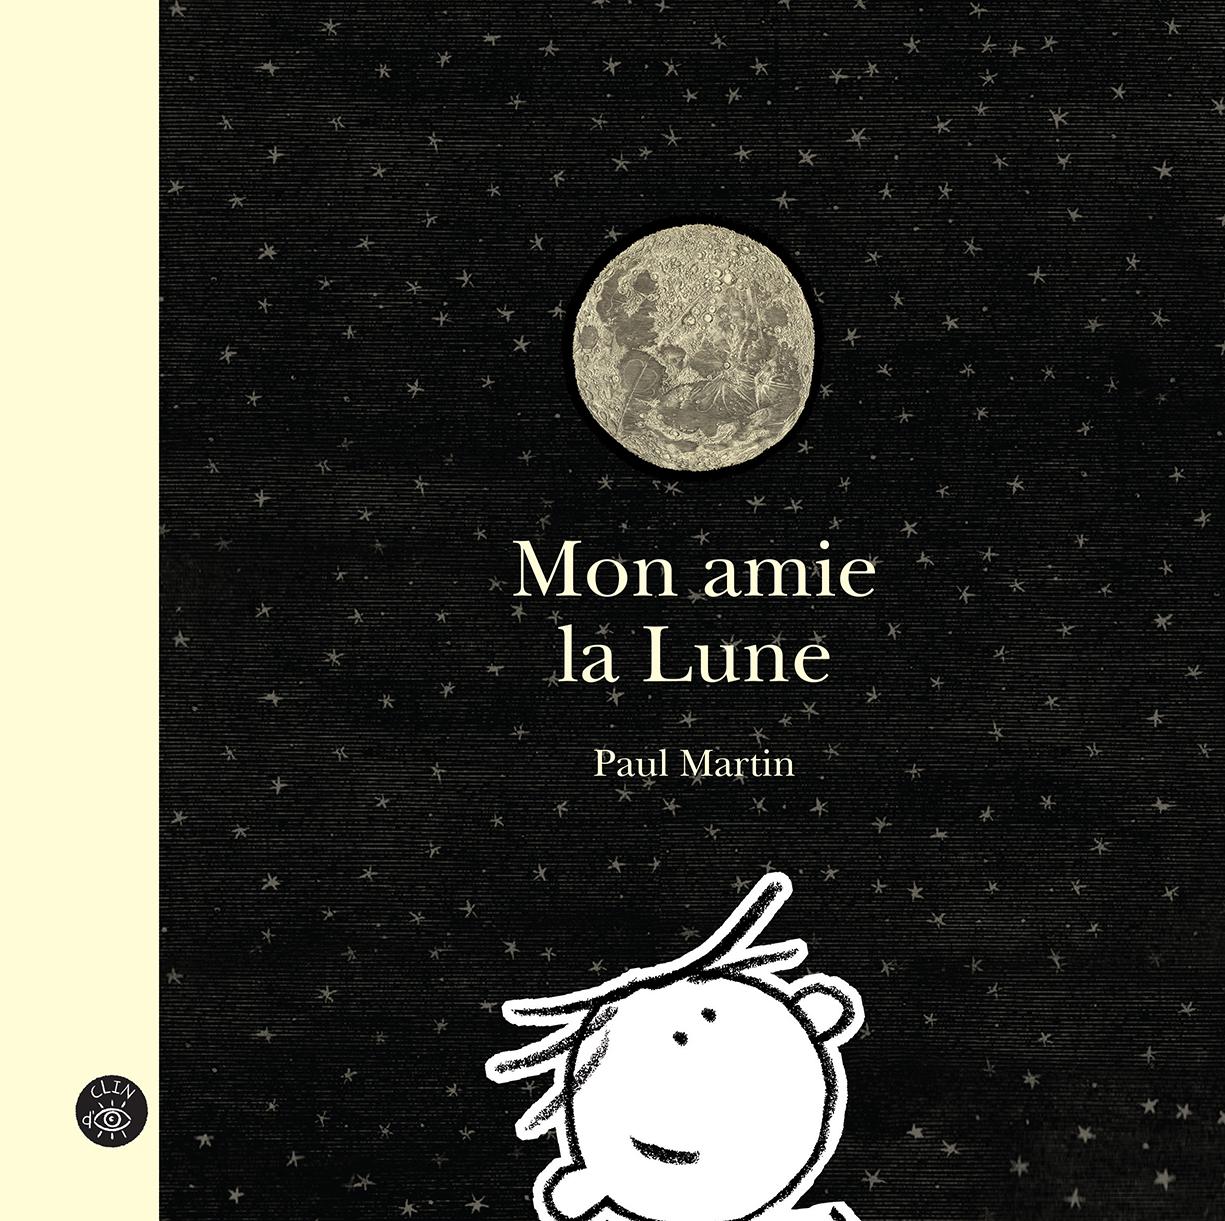 Mon amie la Lune - Éditions de Isatis